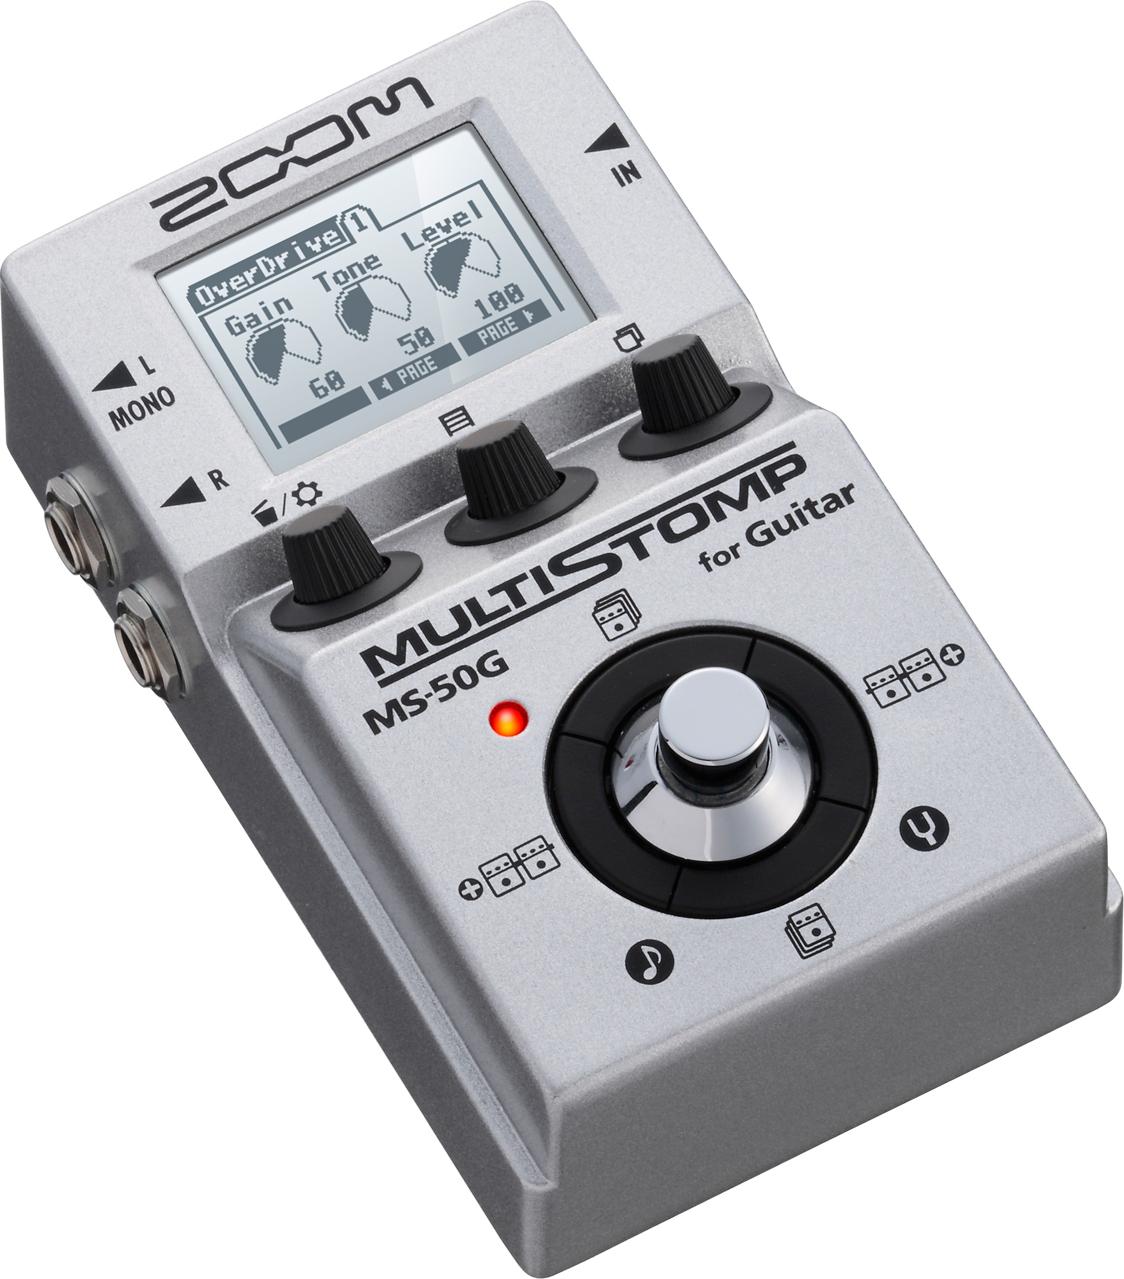 Мульти педаль эффектов для электрогитары Zoom MS-50G